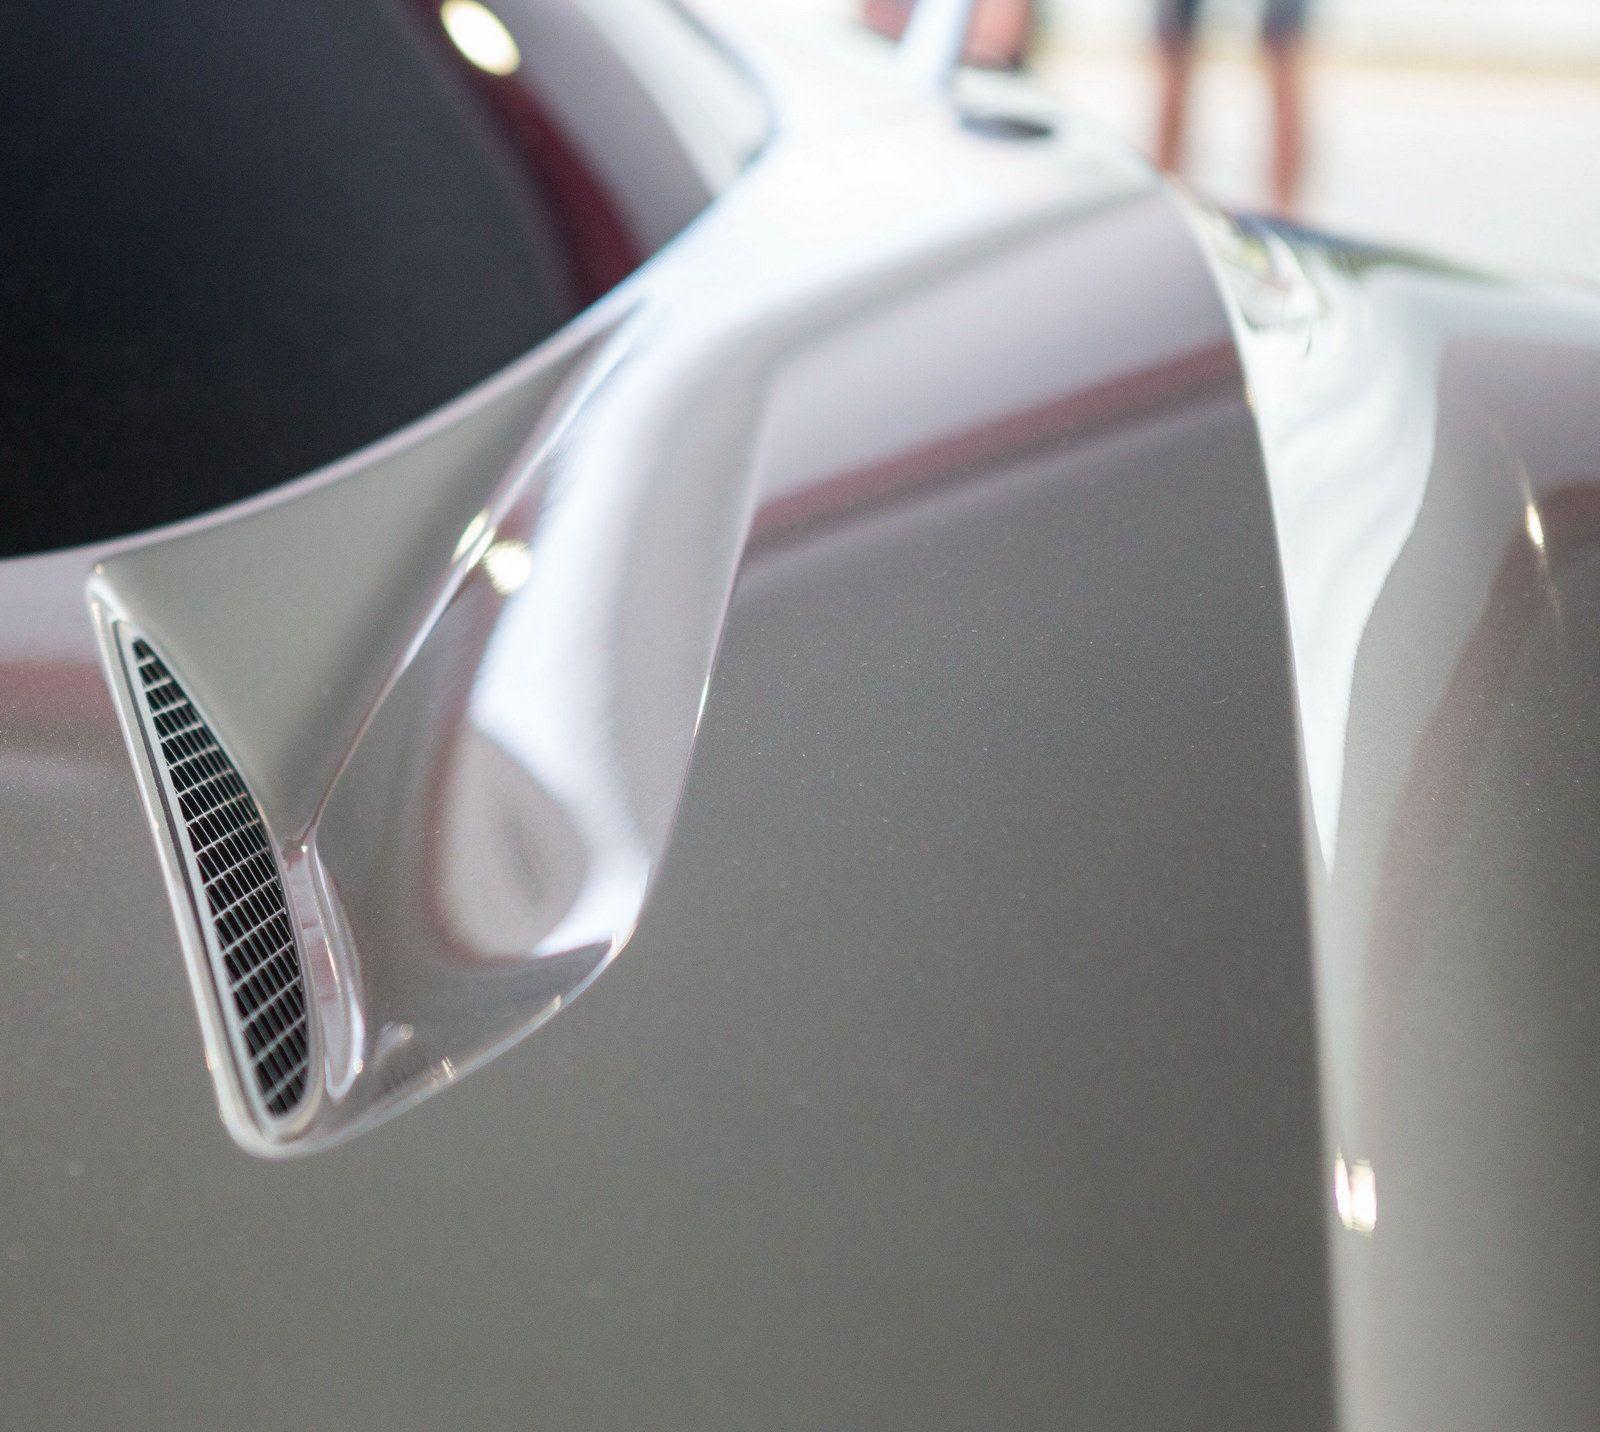 2014 Nissan Concept 2020 Vision Gran Turismo - Picture ...